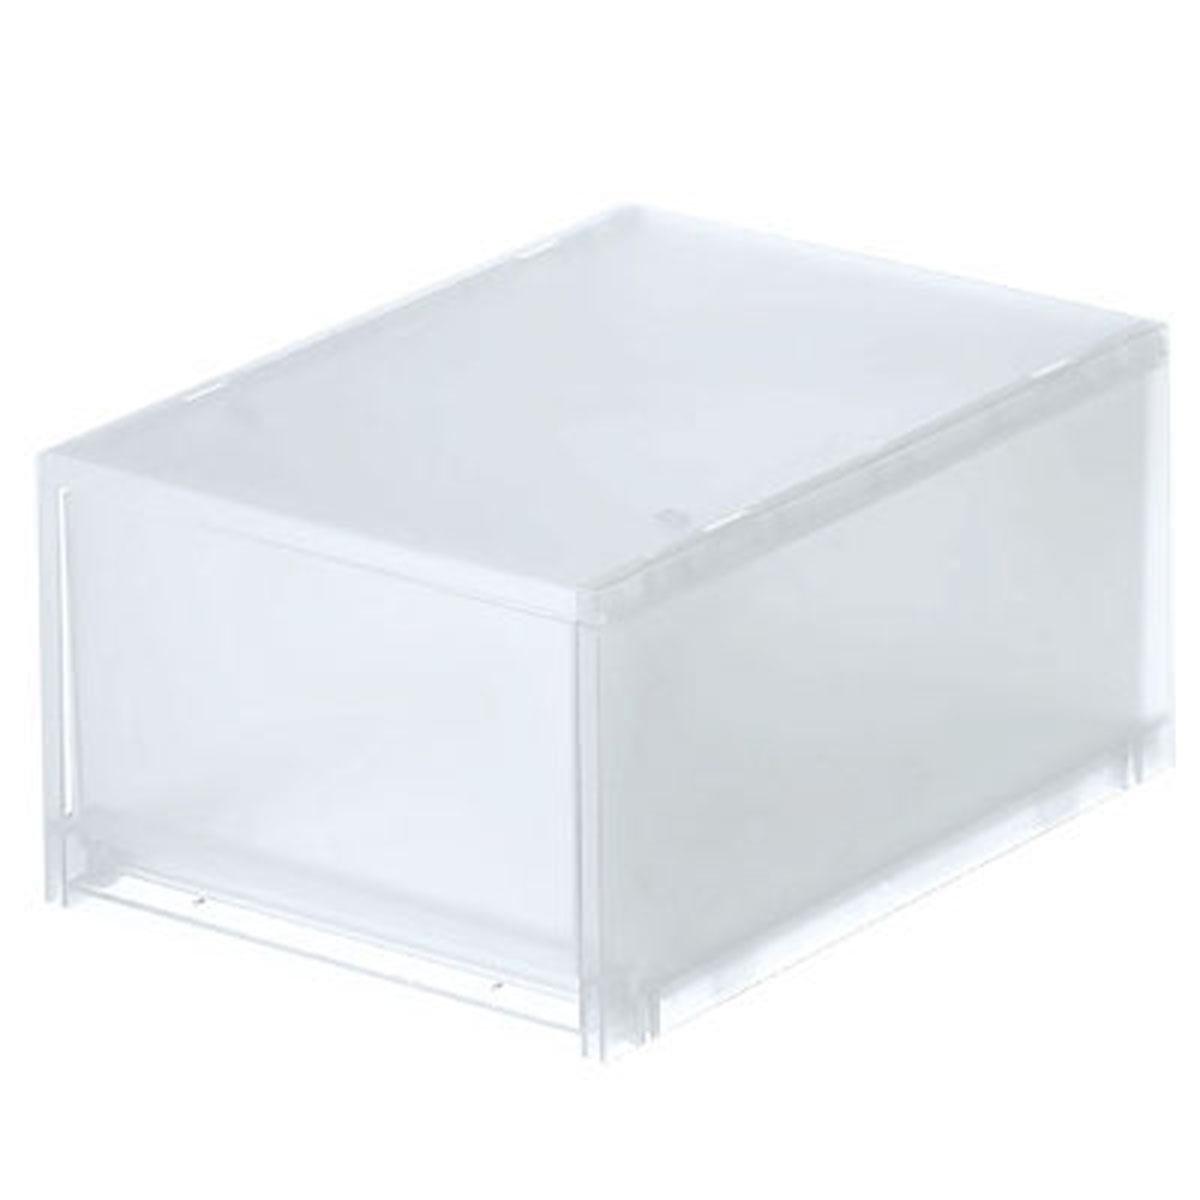 PP單層抽屜儲物箱 (D) 深